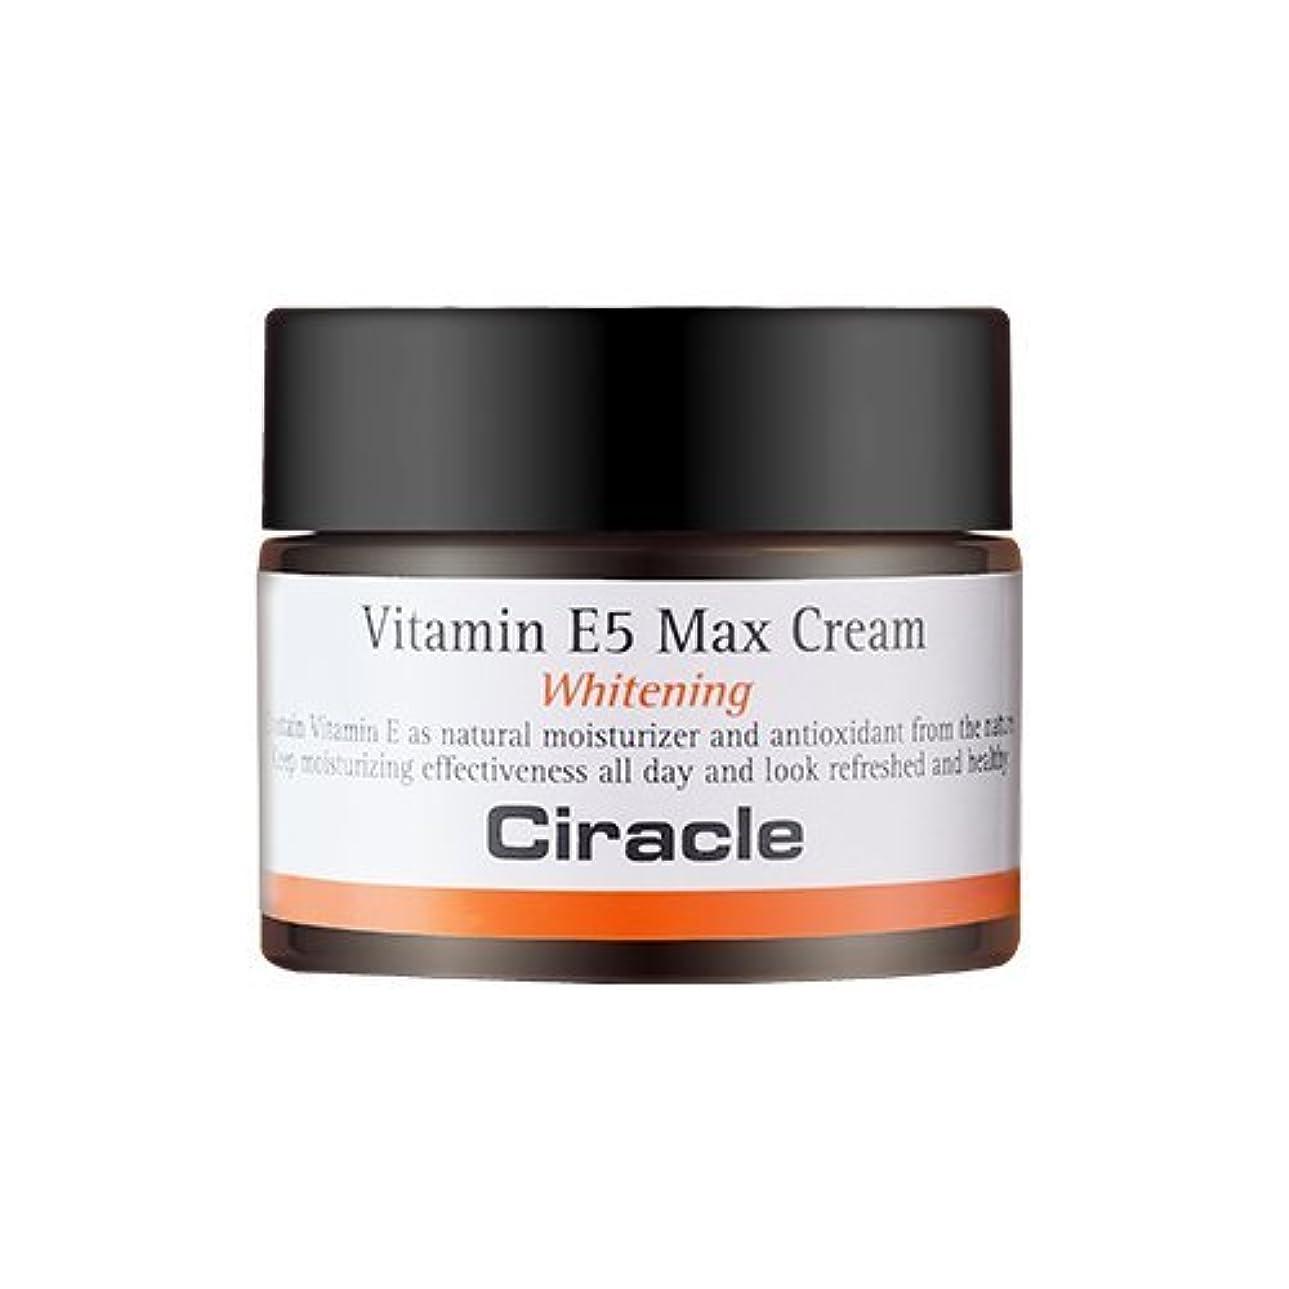 疑わしいこねるこしょうCiracle Vitamin E5 Max Cream シラクル ビタミンE5 マックス クリーム 50ml [並行輸入品]